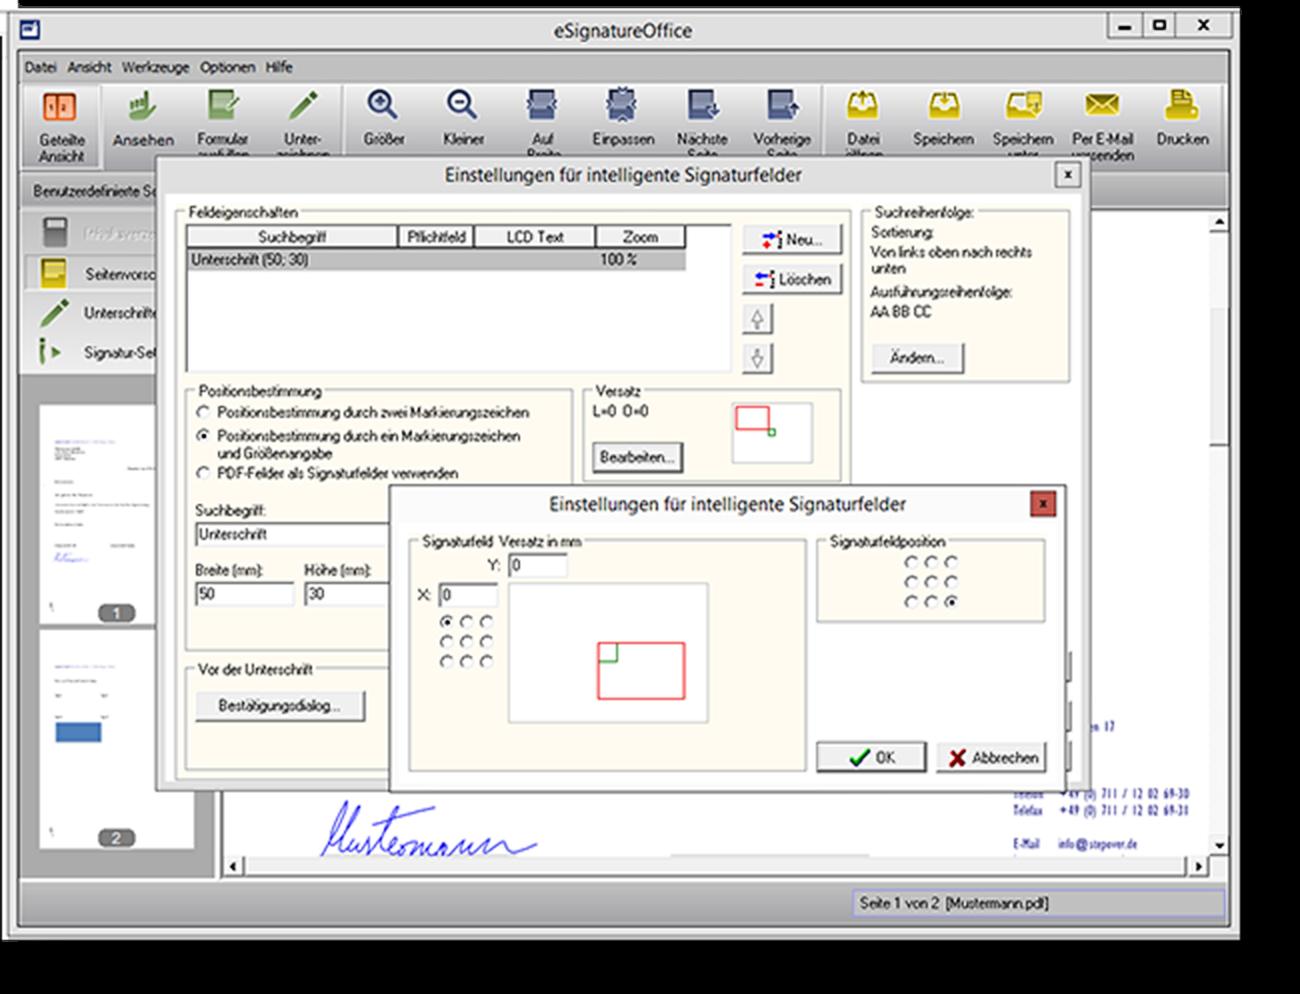 Automatisierung durch intelligente Signaturschablonen  Die intelligenten Signaturschablonen helfen Ihnen, automatisiert Unterschriften zu erfassen und diese an der richtigen Stelle in Ihrem elektronischen Dokument einzufügen.